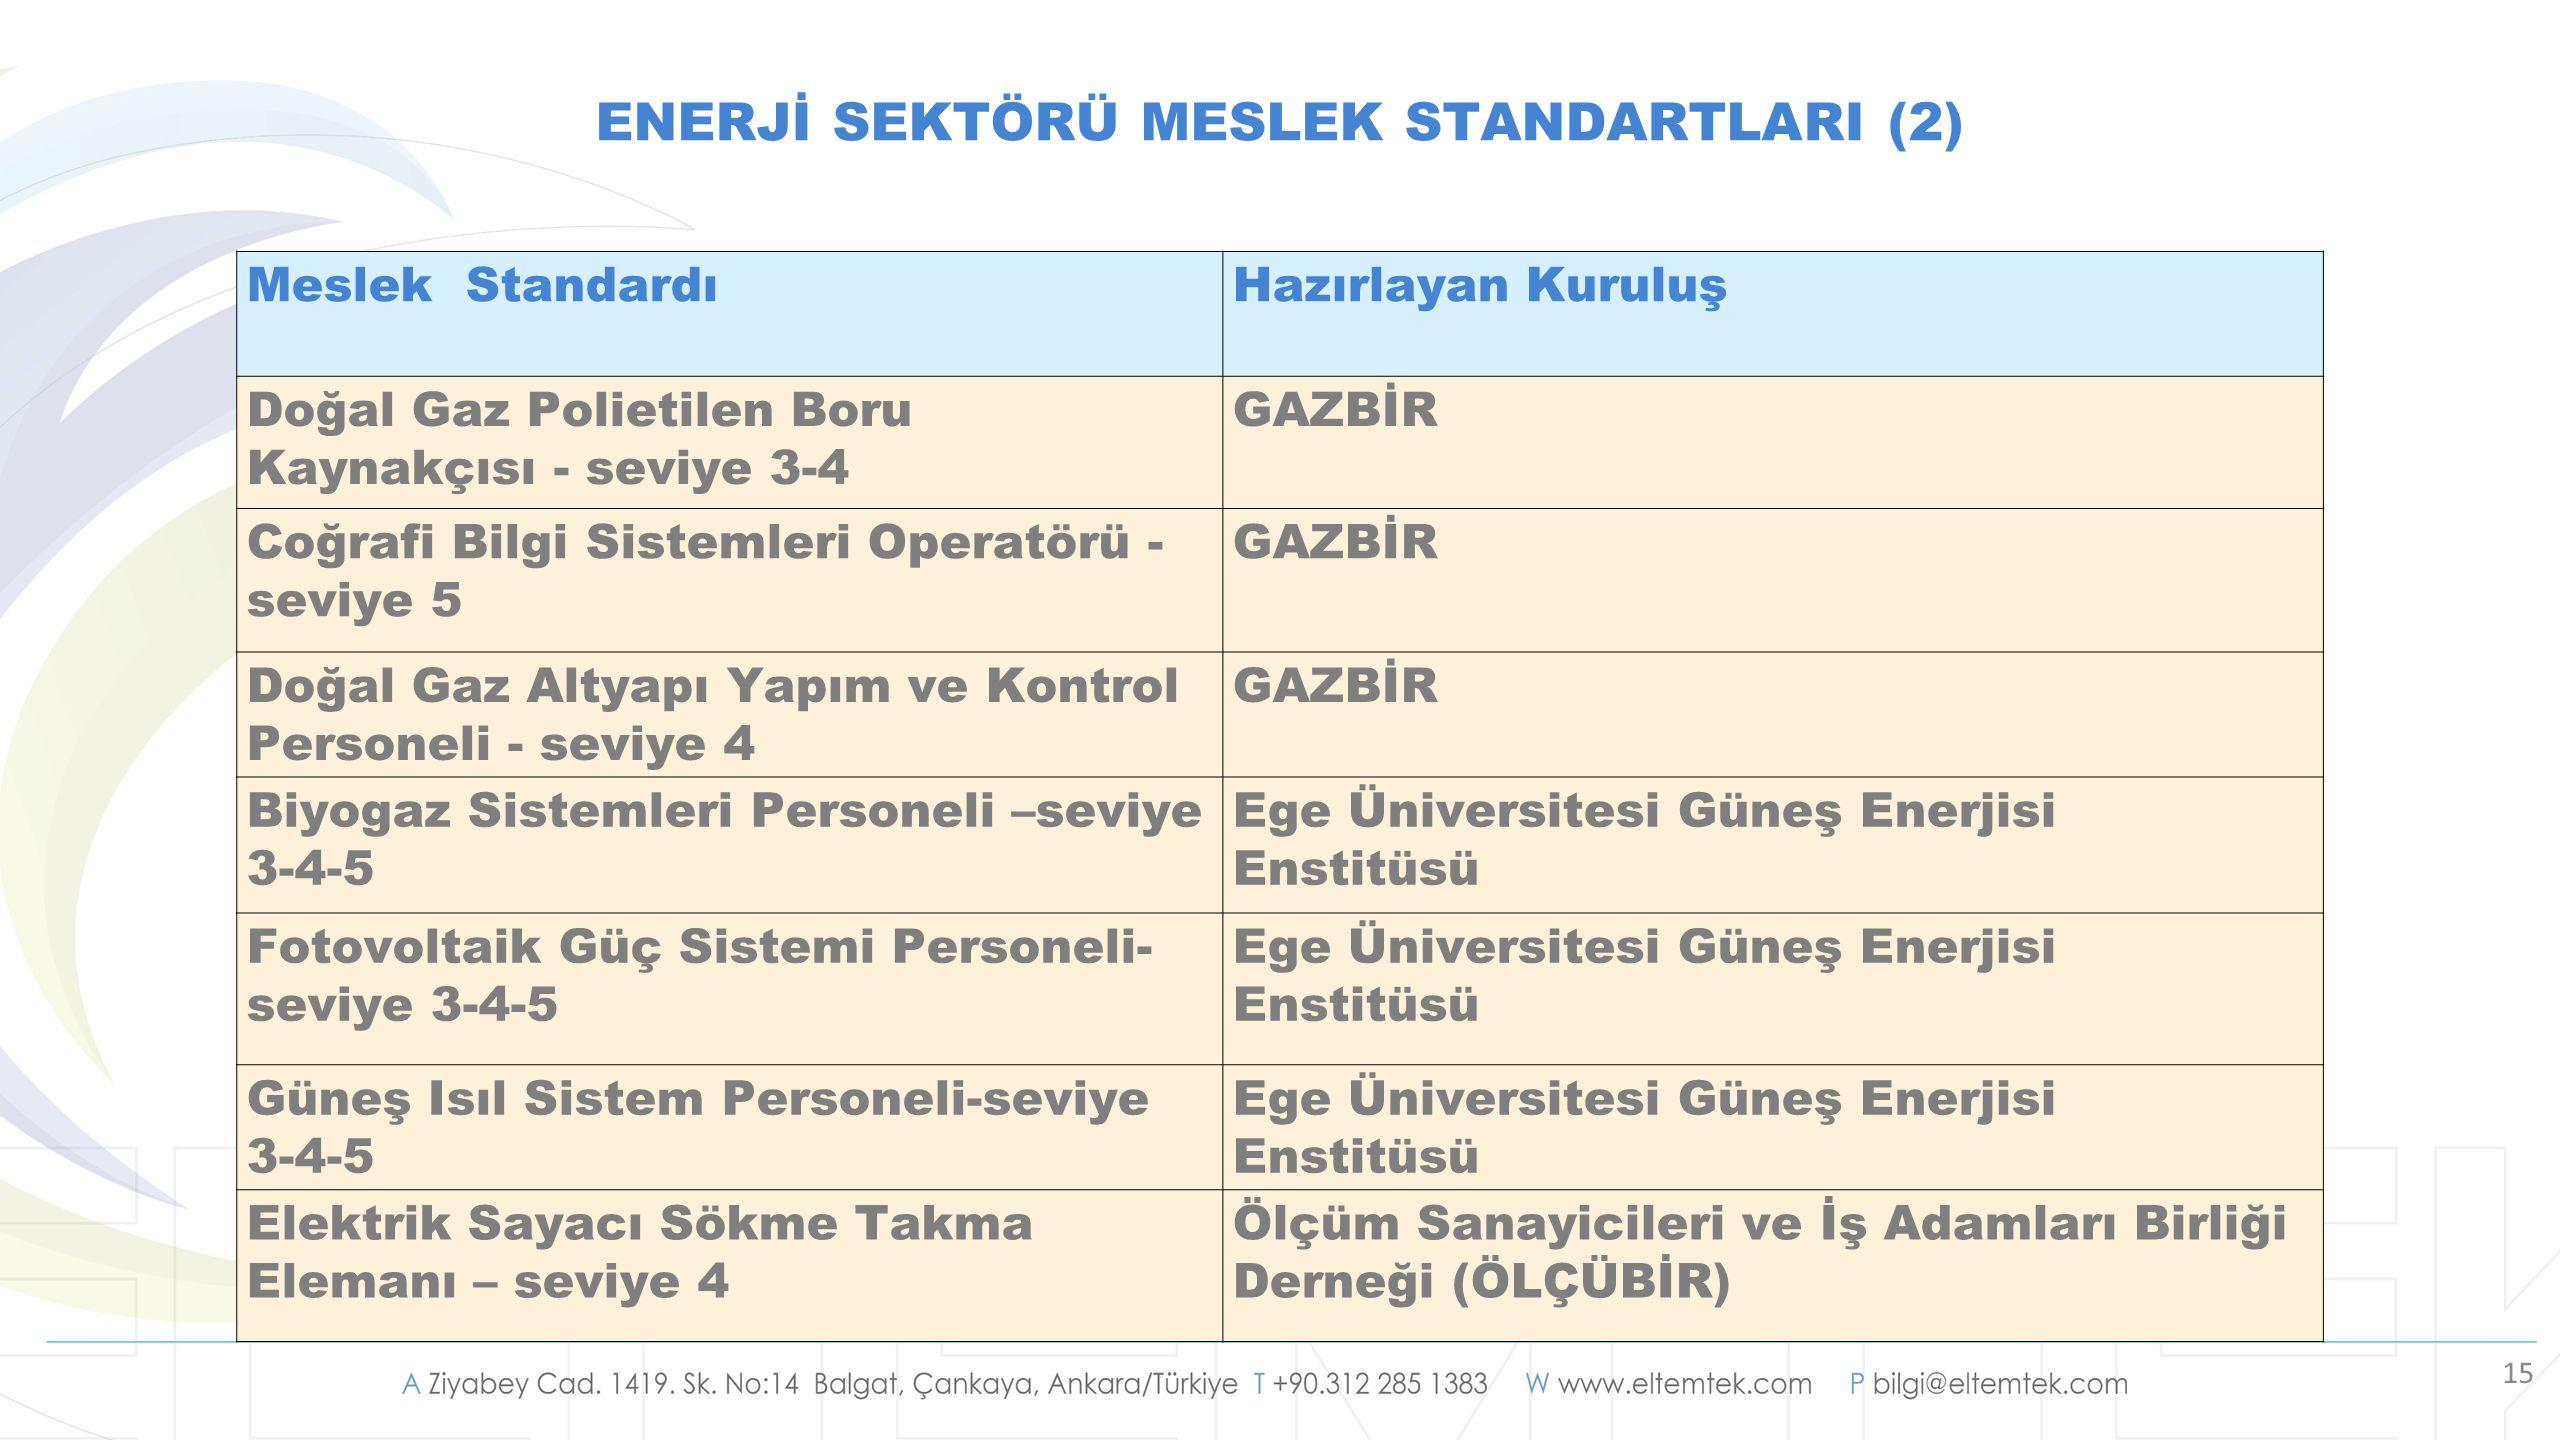 ENERJİ SEKTÖRÜ MESLEK STANDARTLARI (2)